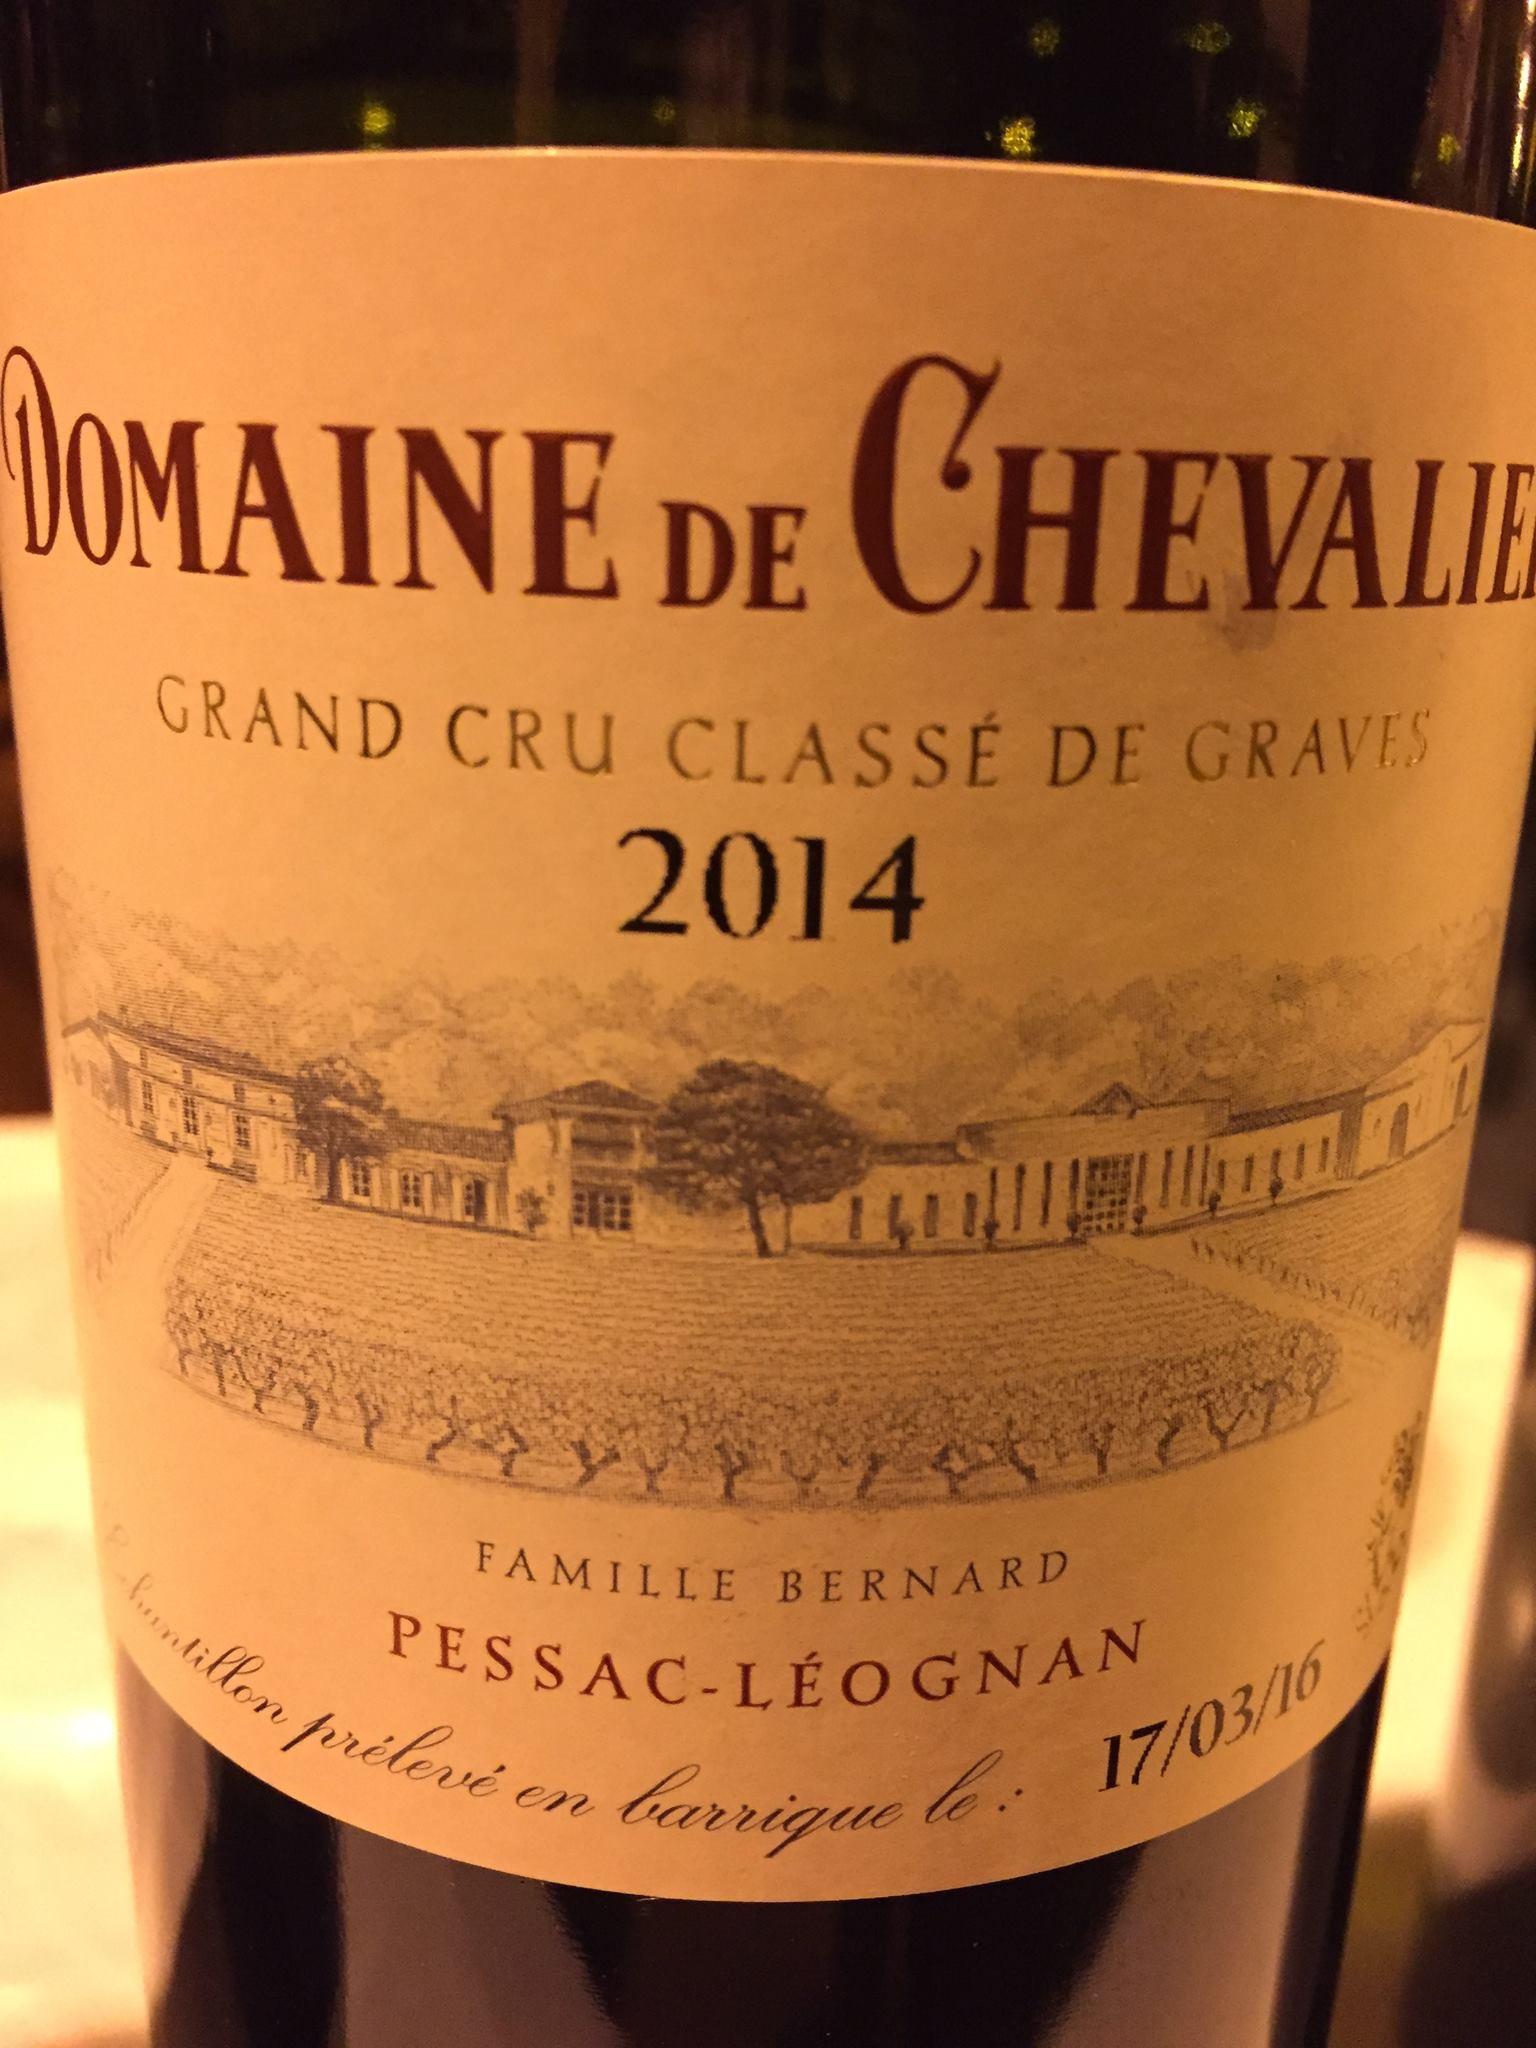 Domaine de Chevalier 2014 – Pessac-Léognan, Grand Cru Classé de Graves